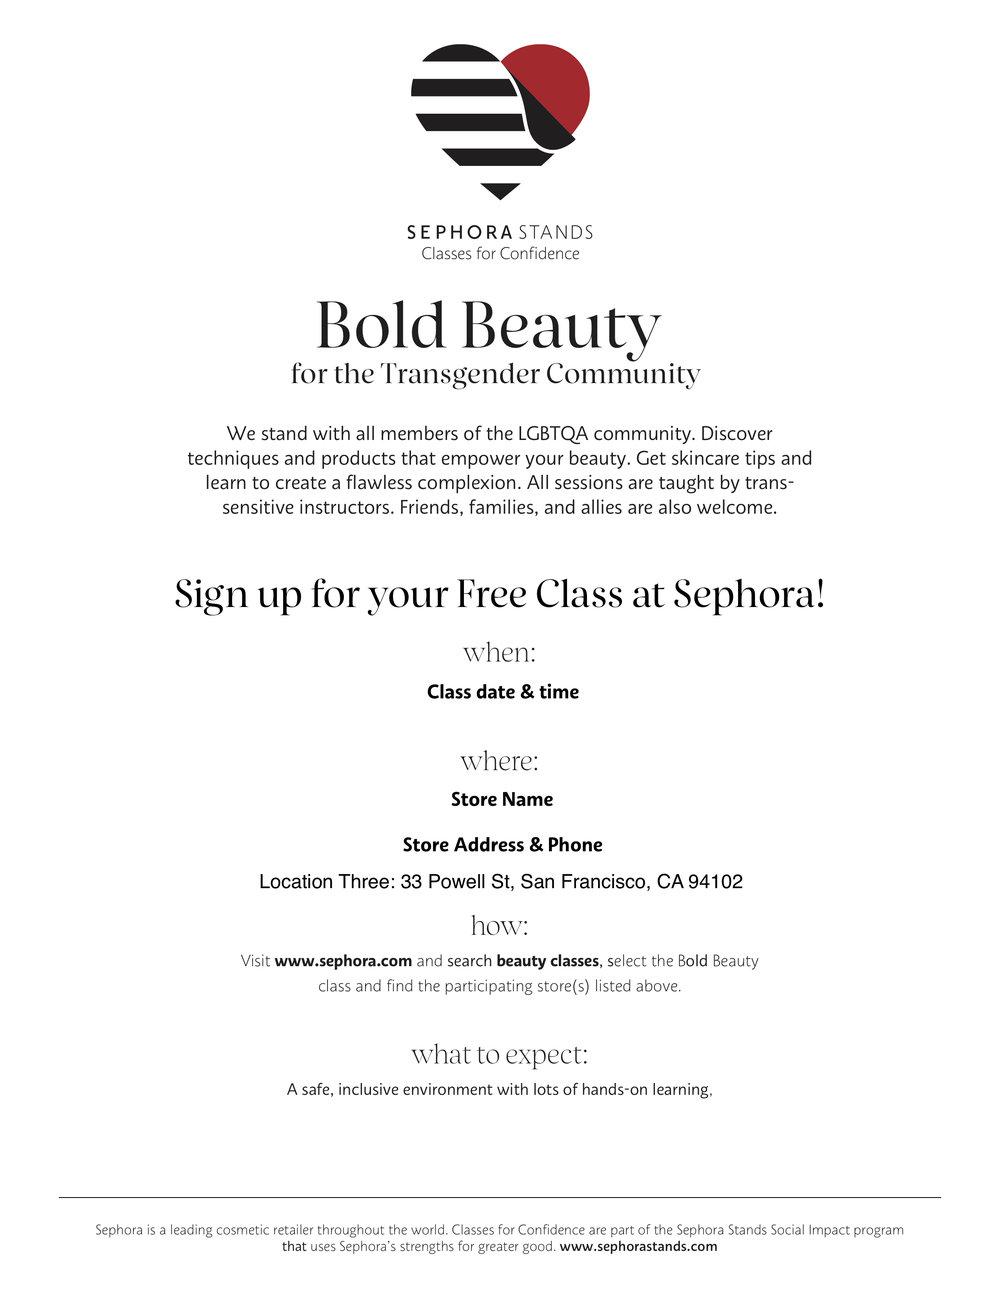 Bold Beauty Flyer.jpg